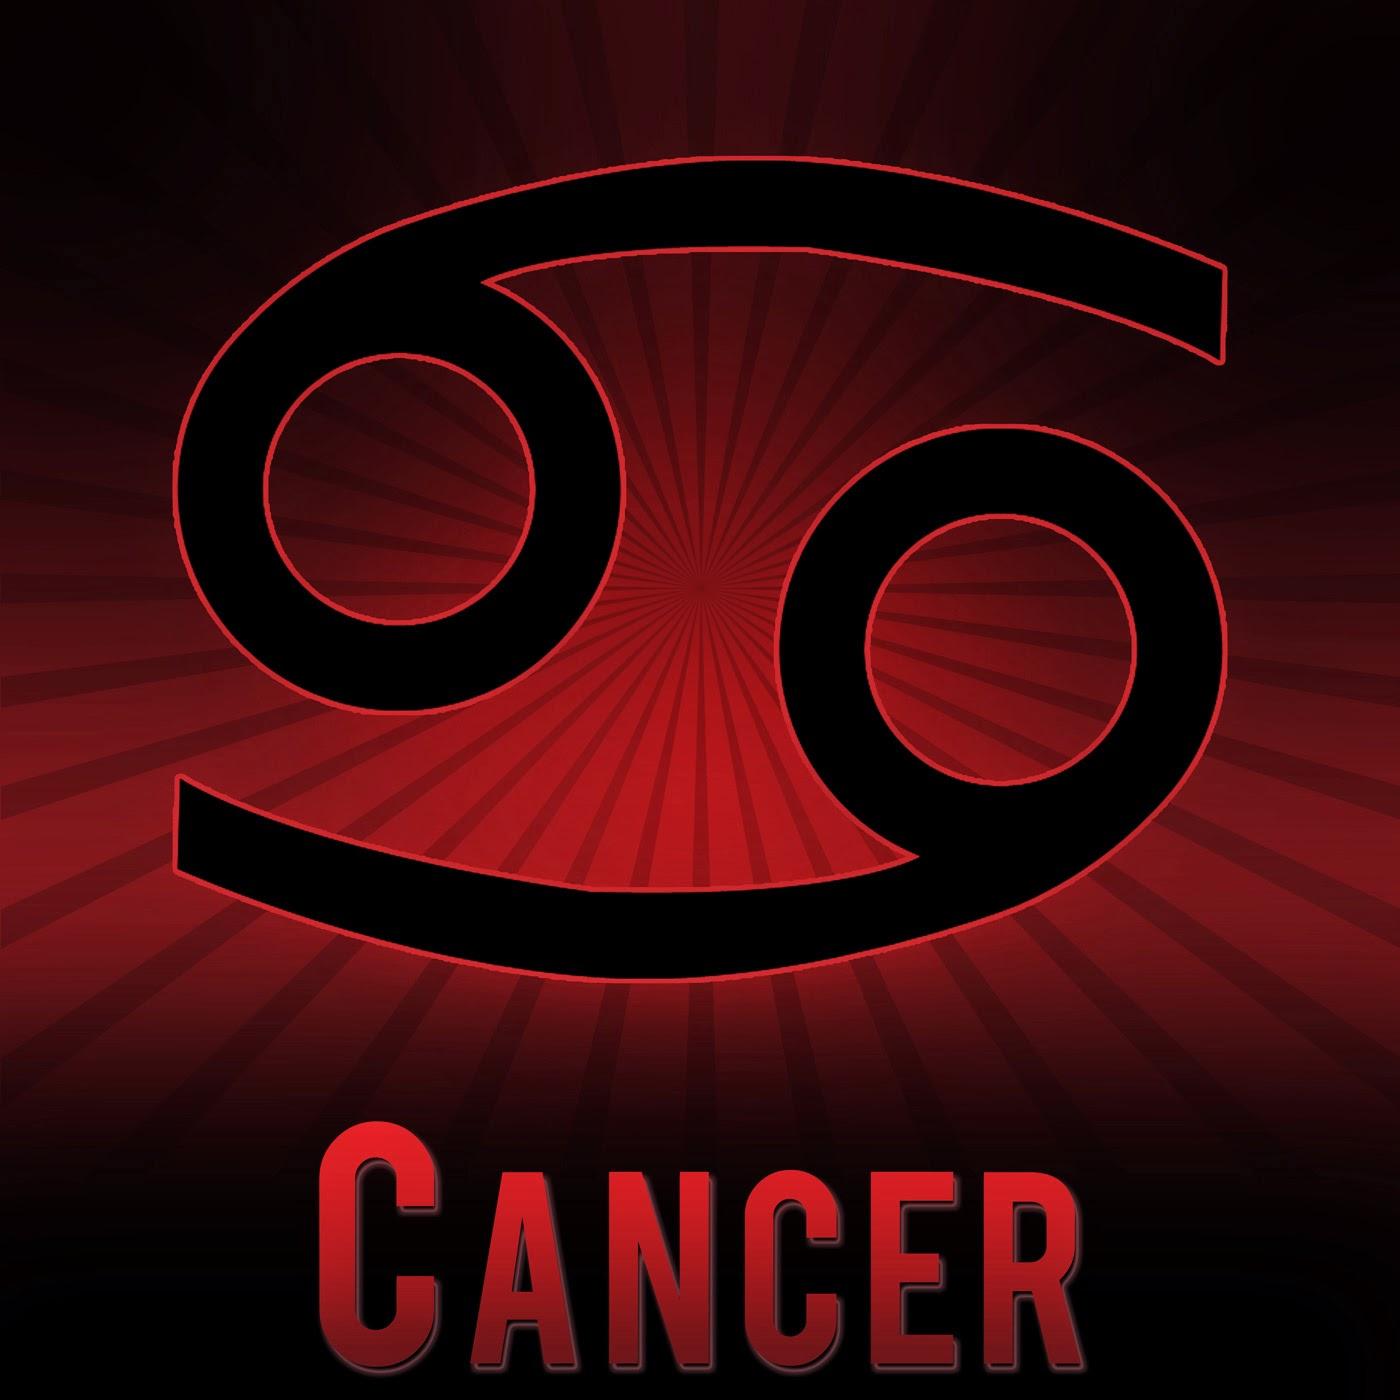 94 Gambar Bintang Cancer Keren Terbaik